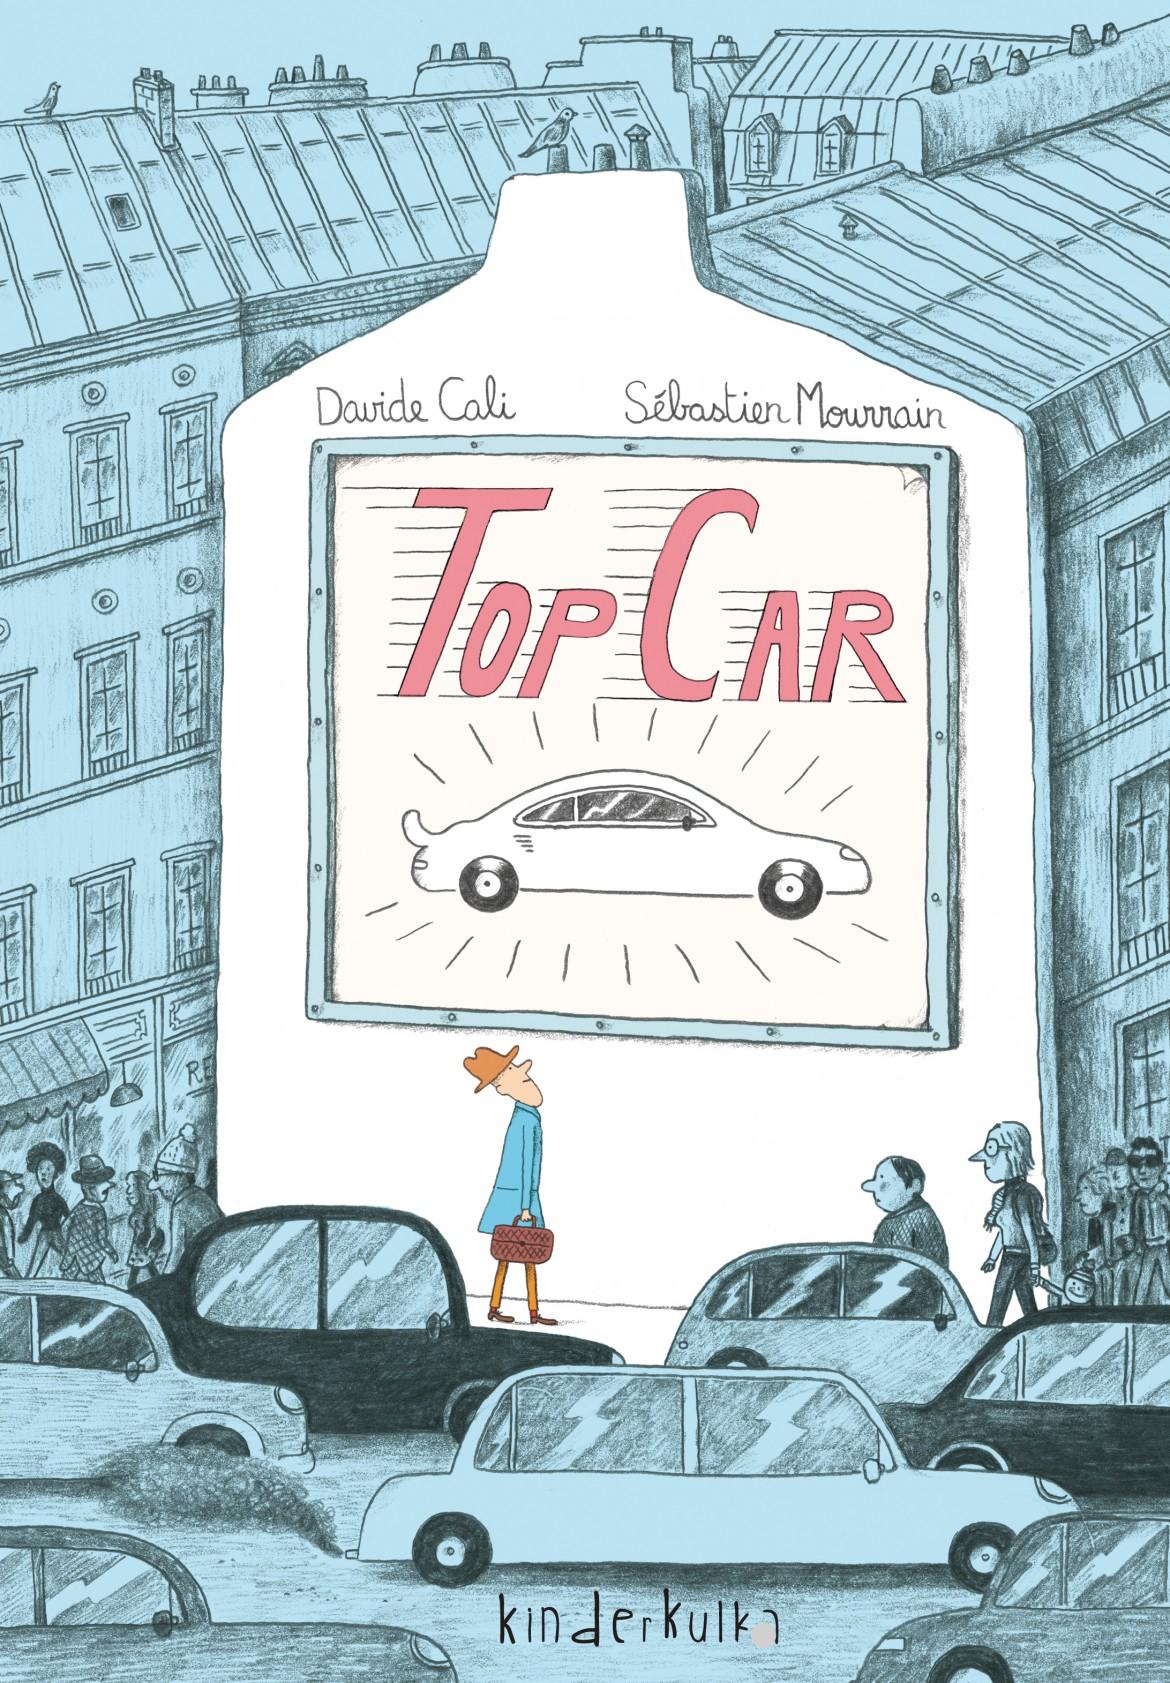 Top_Car_okladka_Kinderkulka.jpg